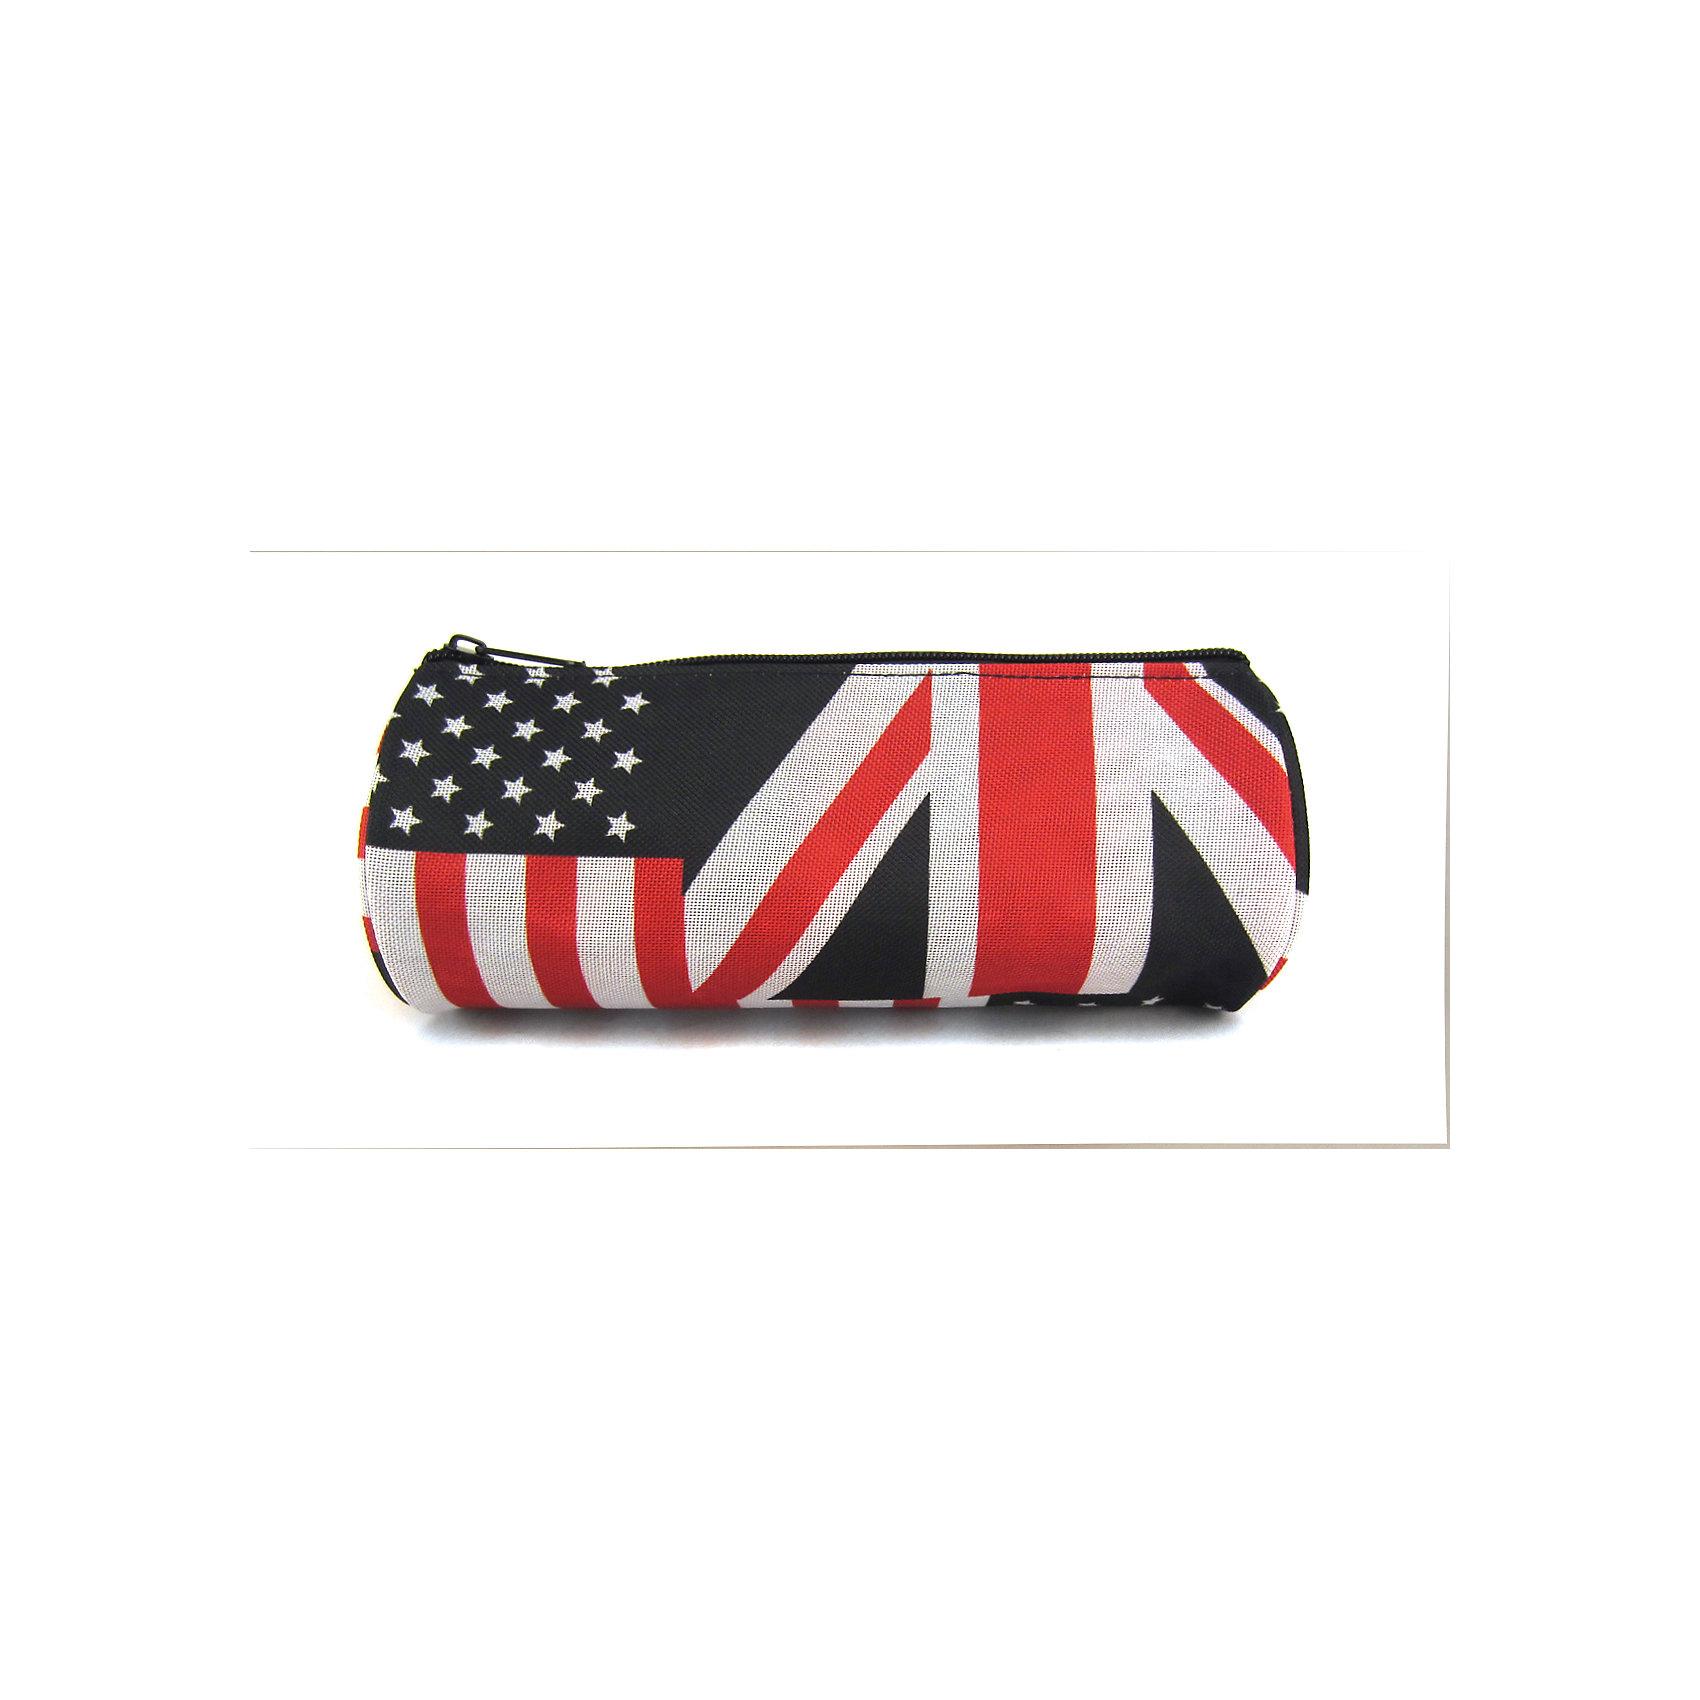 Пенал British Flag, цвет мультиПеналы без наполнения<br>Теперь все необходимые мелочи будут всегда в порядке и под рукой. Этот аксессуар – отличный выбор, в компанию к рюкзаку или сам по себе.<br><br>Ширина мм: 21<br>Глубина мм: 8<br>Высота мм: 8<br>Вес г: 100<br>Возраст от месяцев: 120<br>Возраст до месяцев: 240<br>Пол: Унисекс<br>Возраст: Детский<br>SKU: 5344320